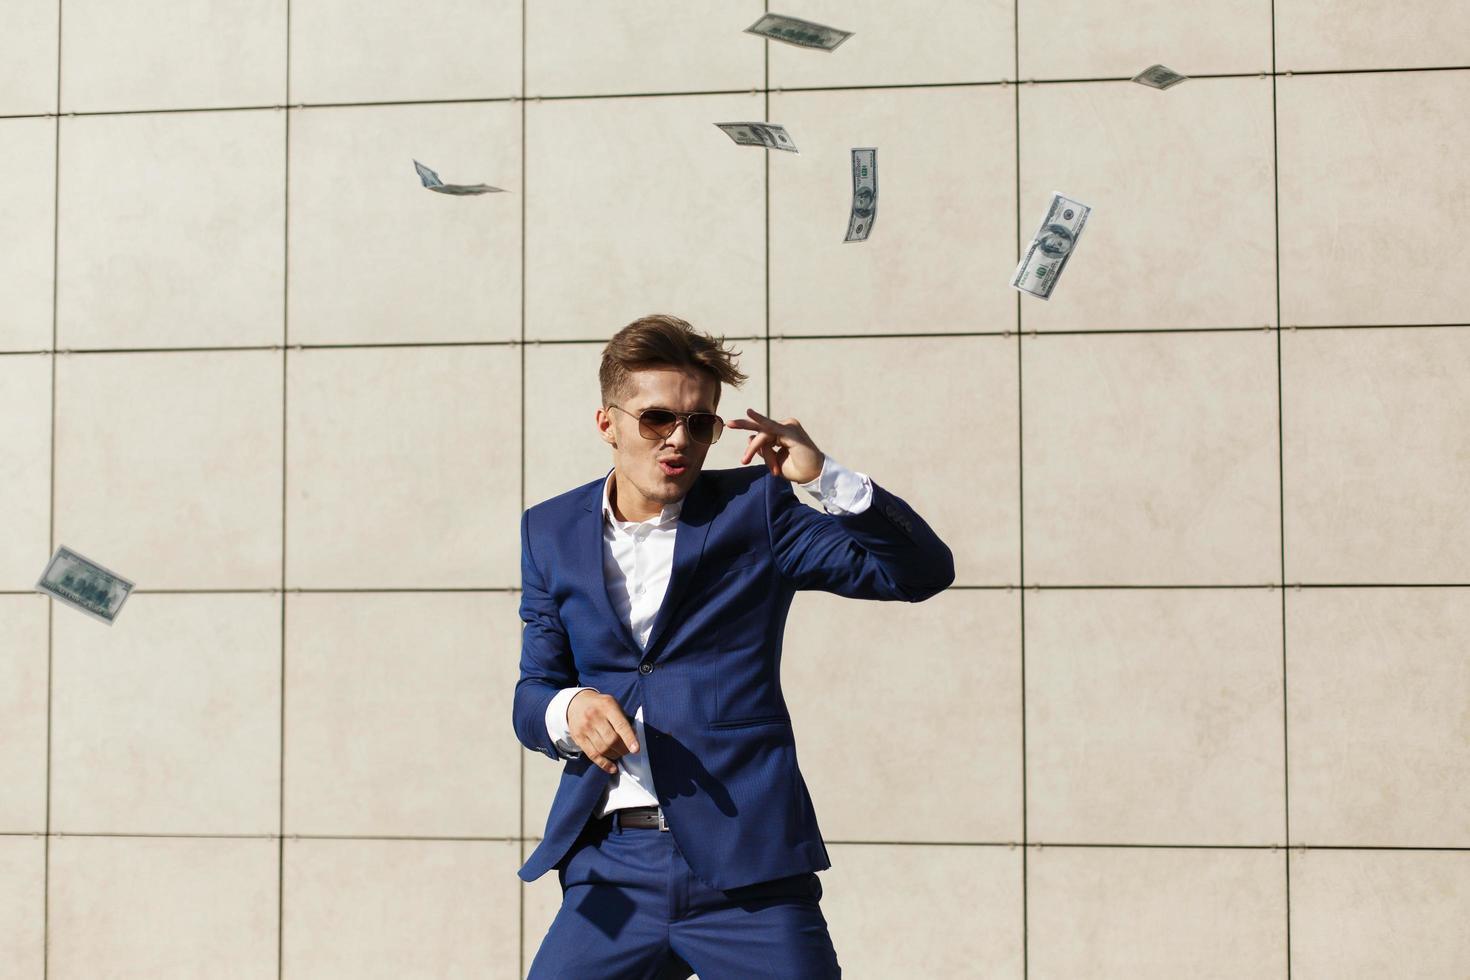 le gars danse avec des dollars photo